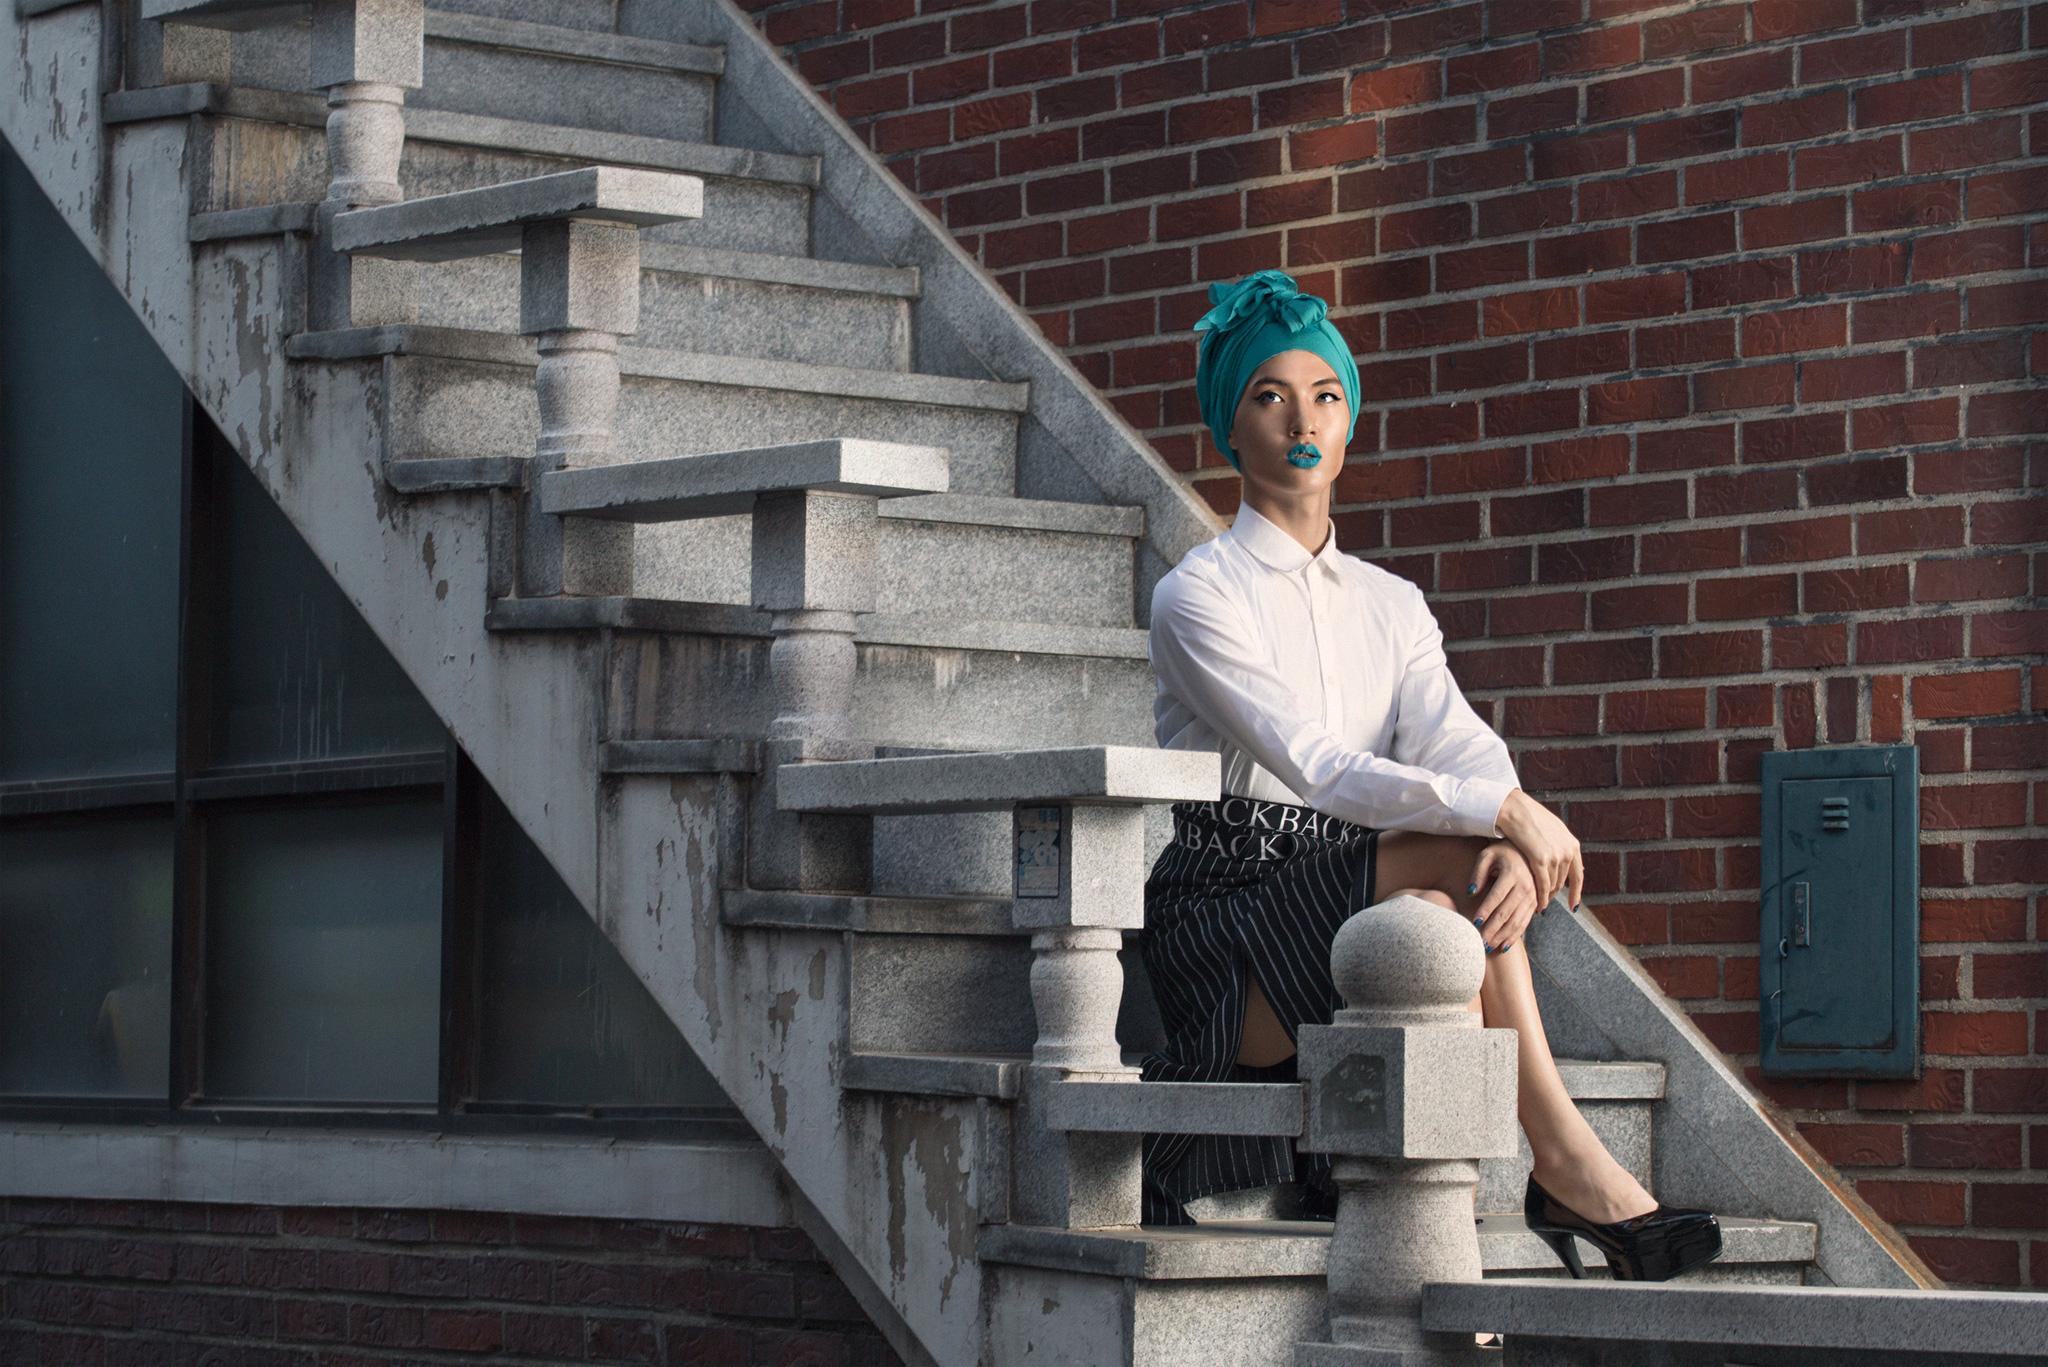 greenville-commercial-fashion-photographer-jorge-gonzalez-hae-jun